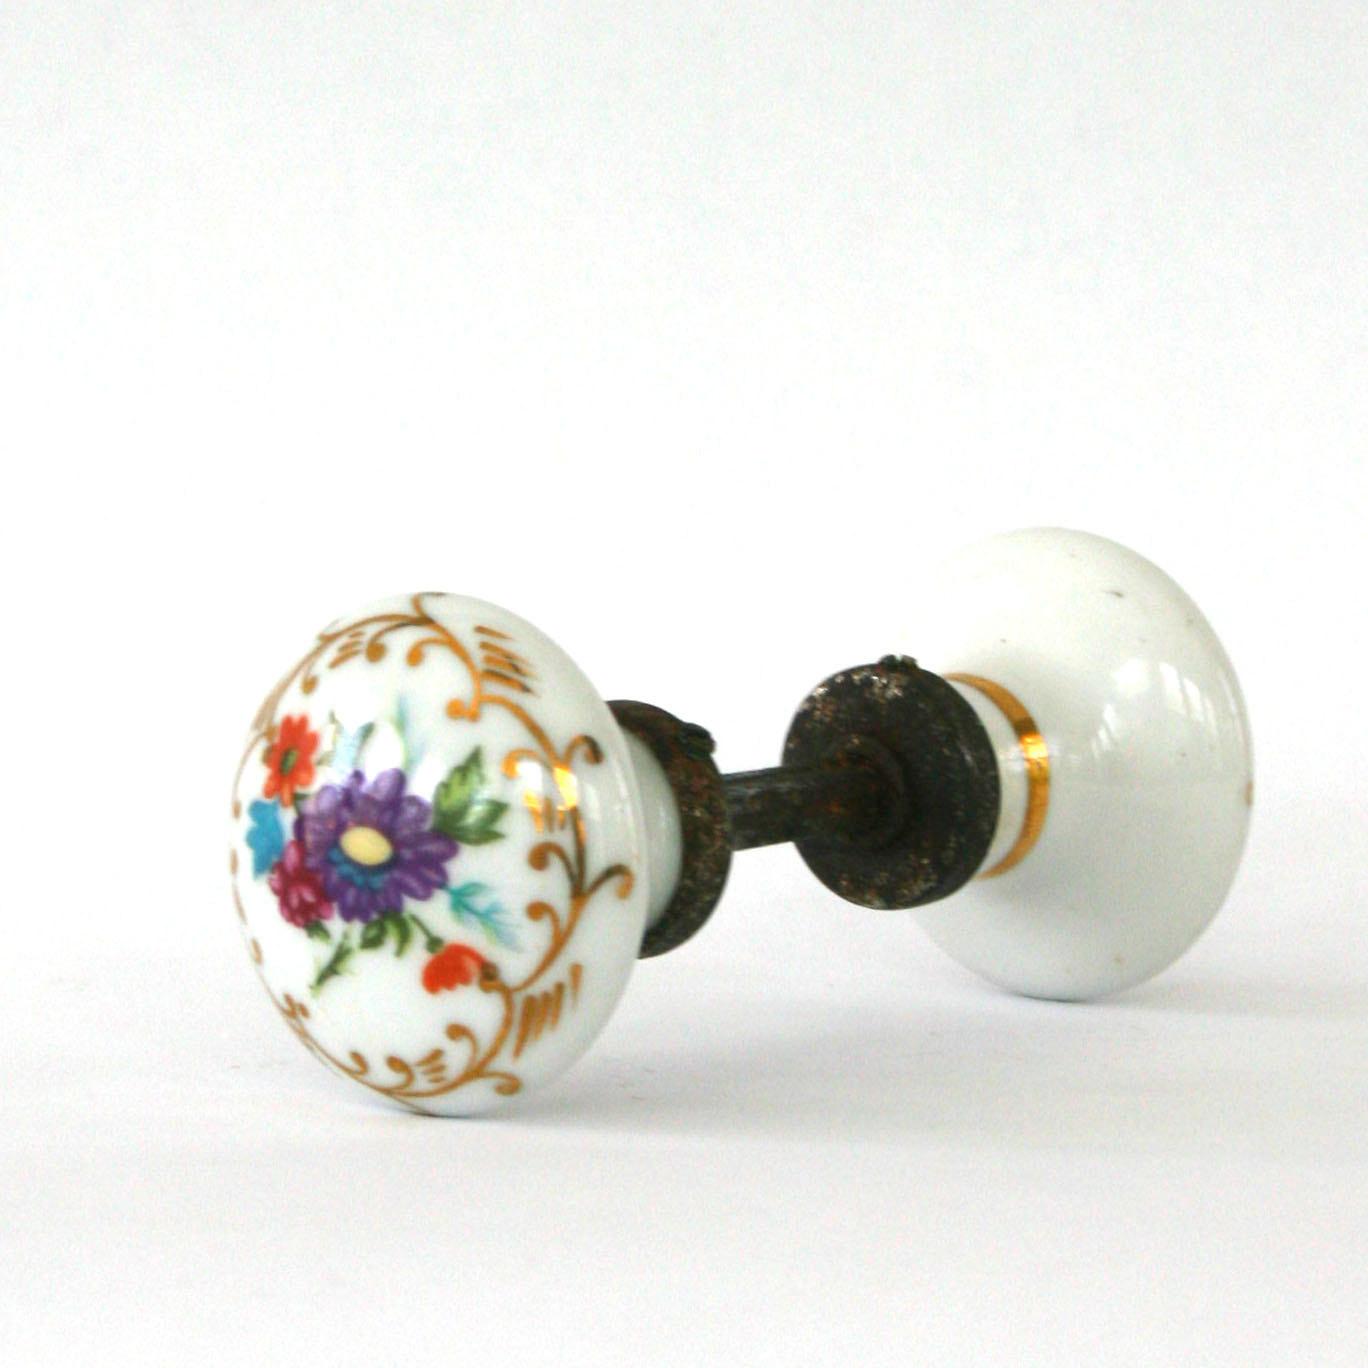 floral door knobs photo - 1